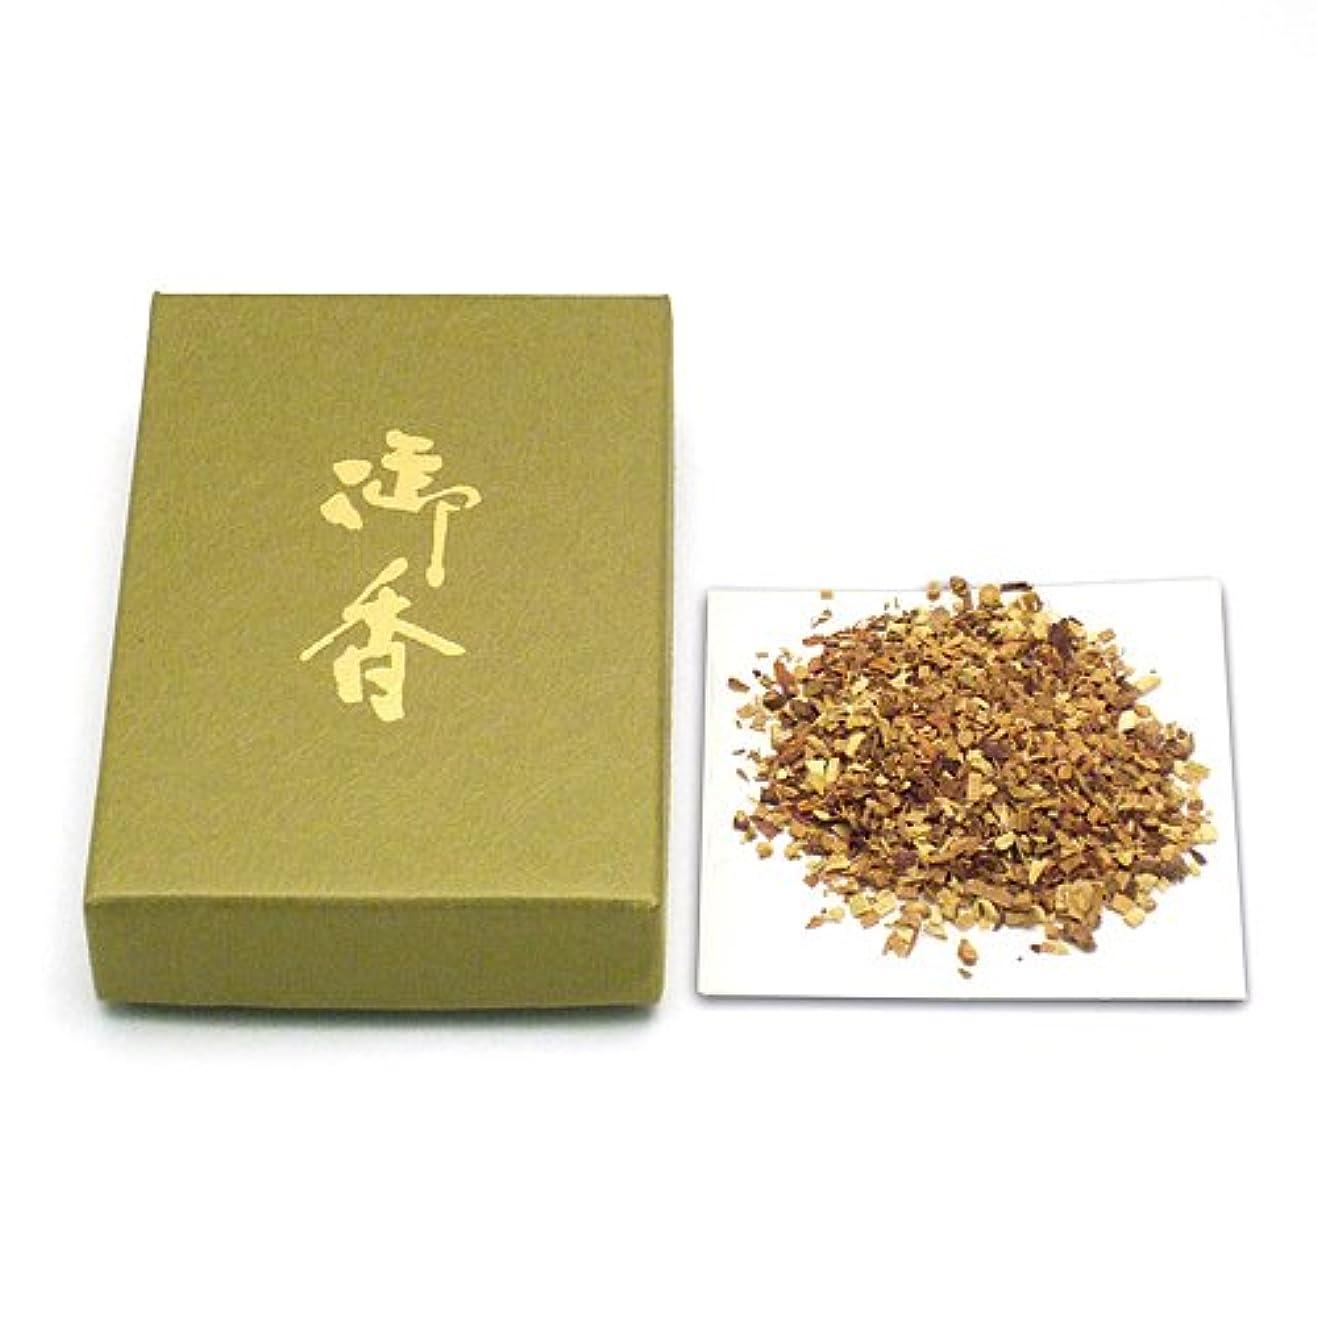 アルプスカニ古い焼香用御香 祥雲印 25g◆お焼香用の御香